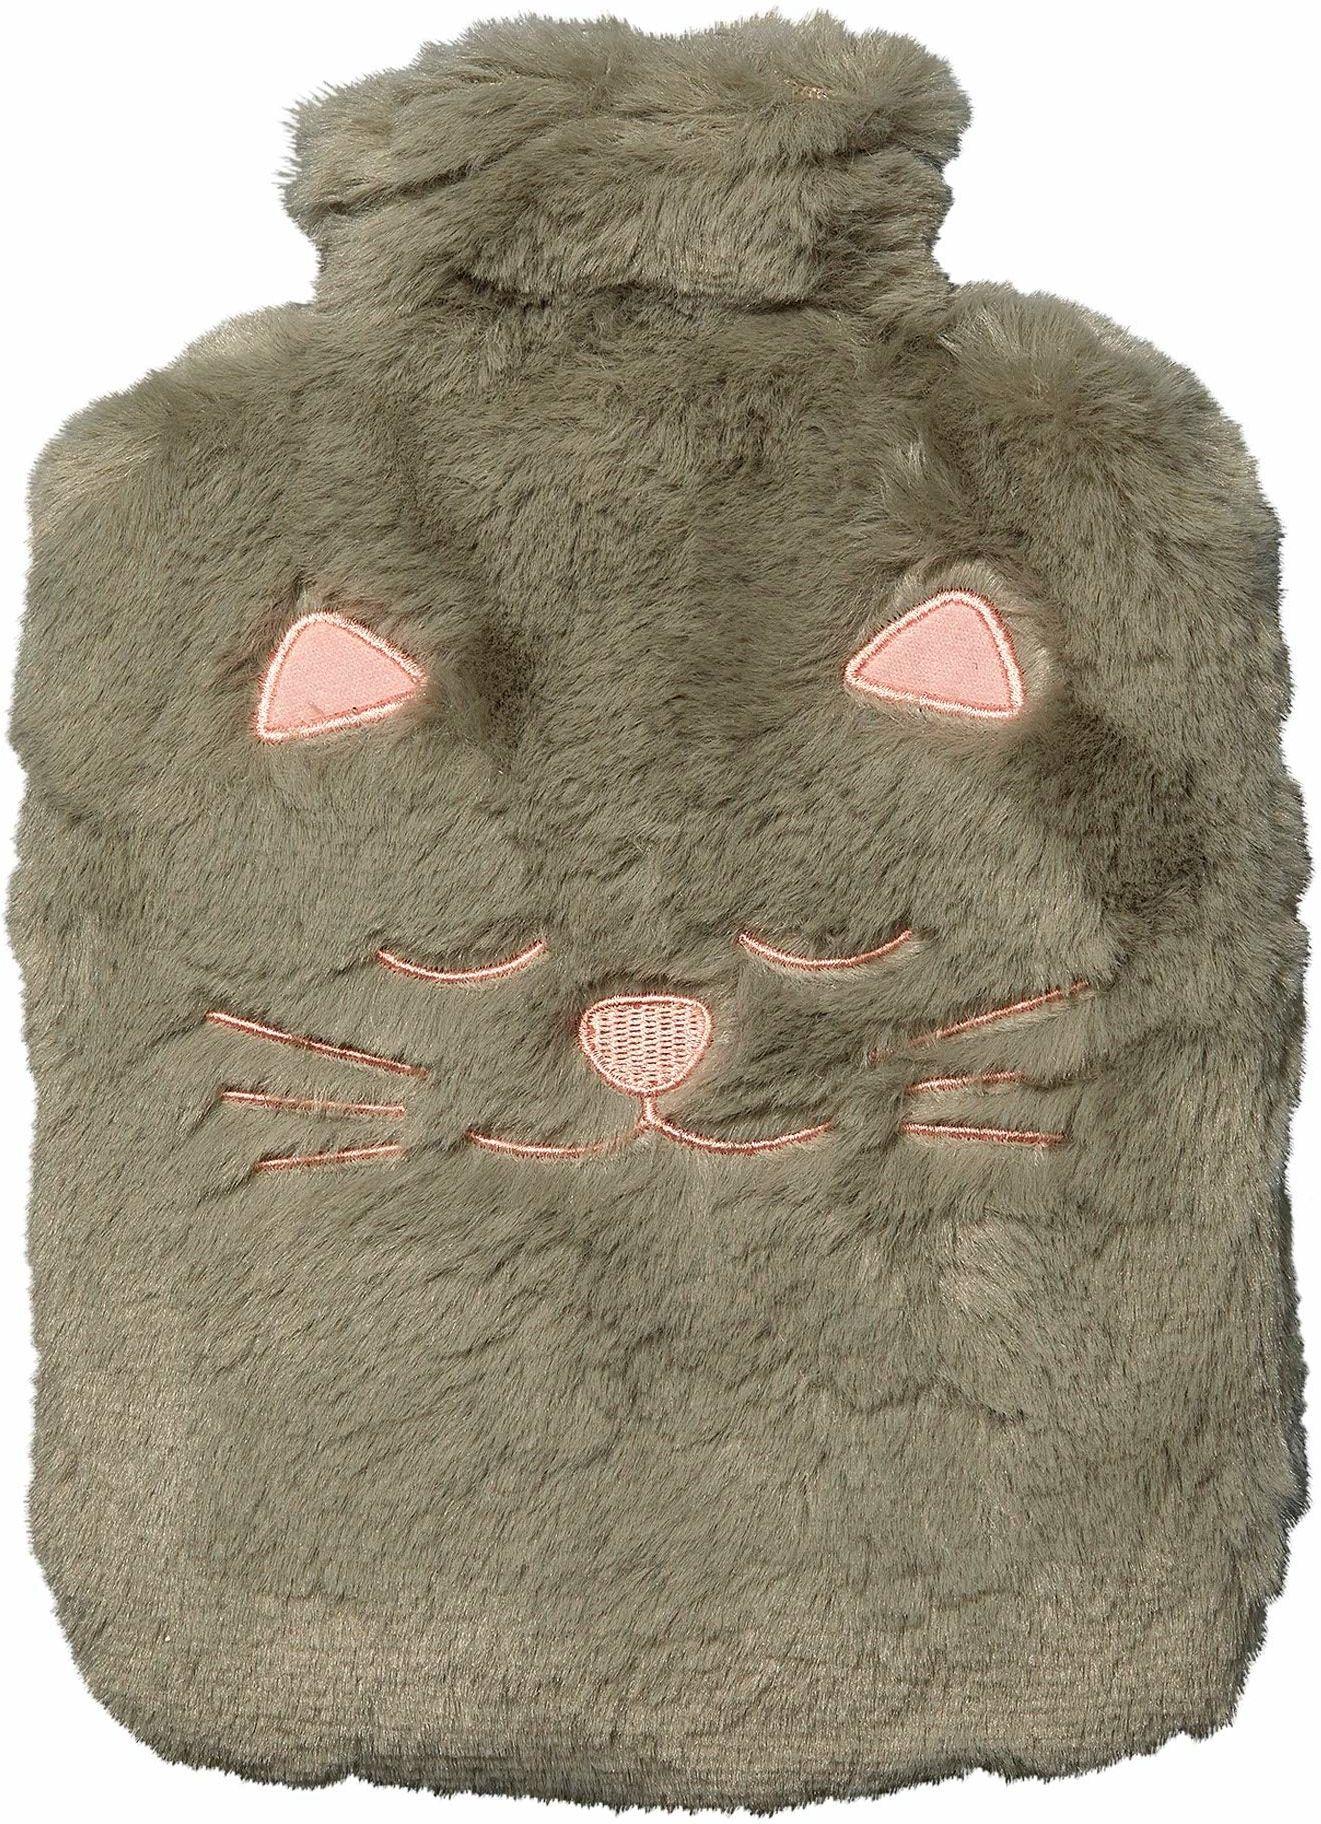 Termofor Toga, pluszowy, kot, szary, z poszewką ze sztucznego futra, 100% poliester, łatwa obsługa, wielokrotnego użytku, można go wszędzie ze sobą zabrać.